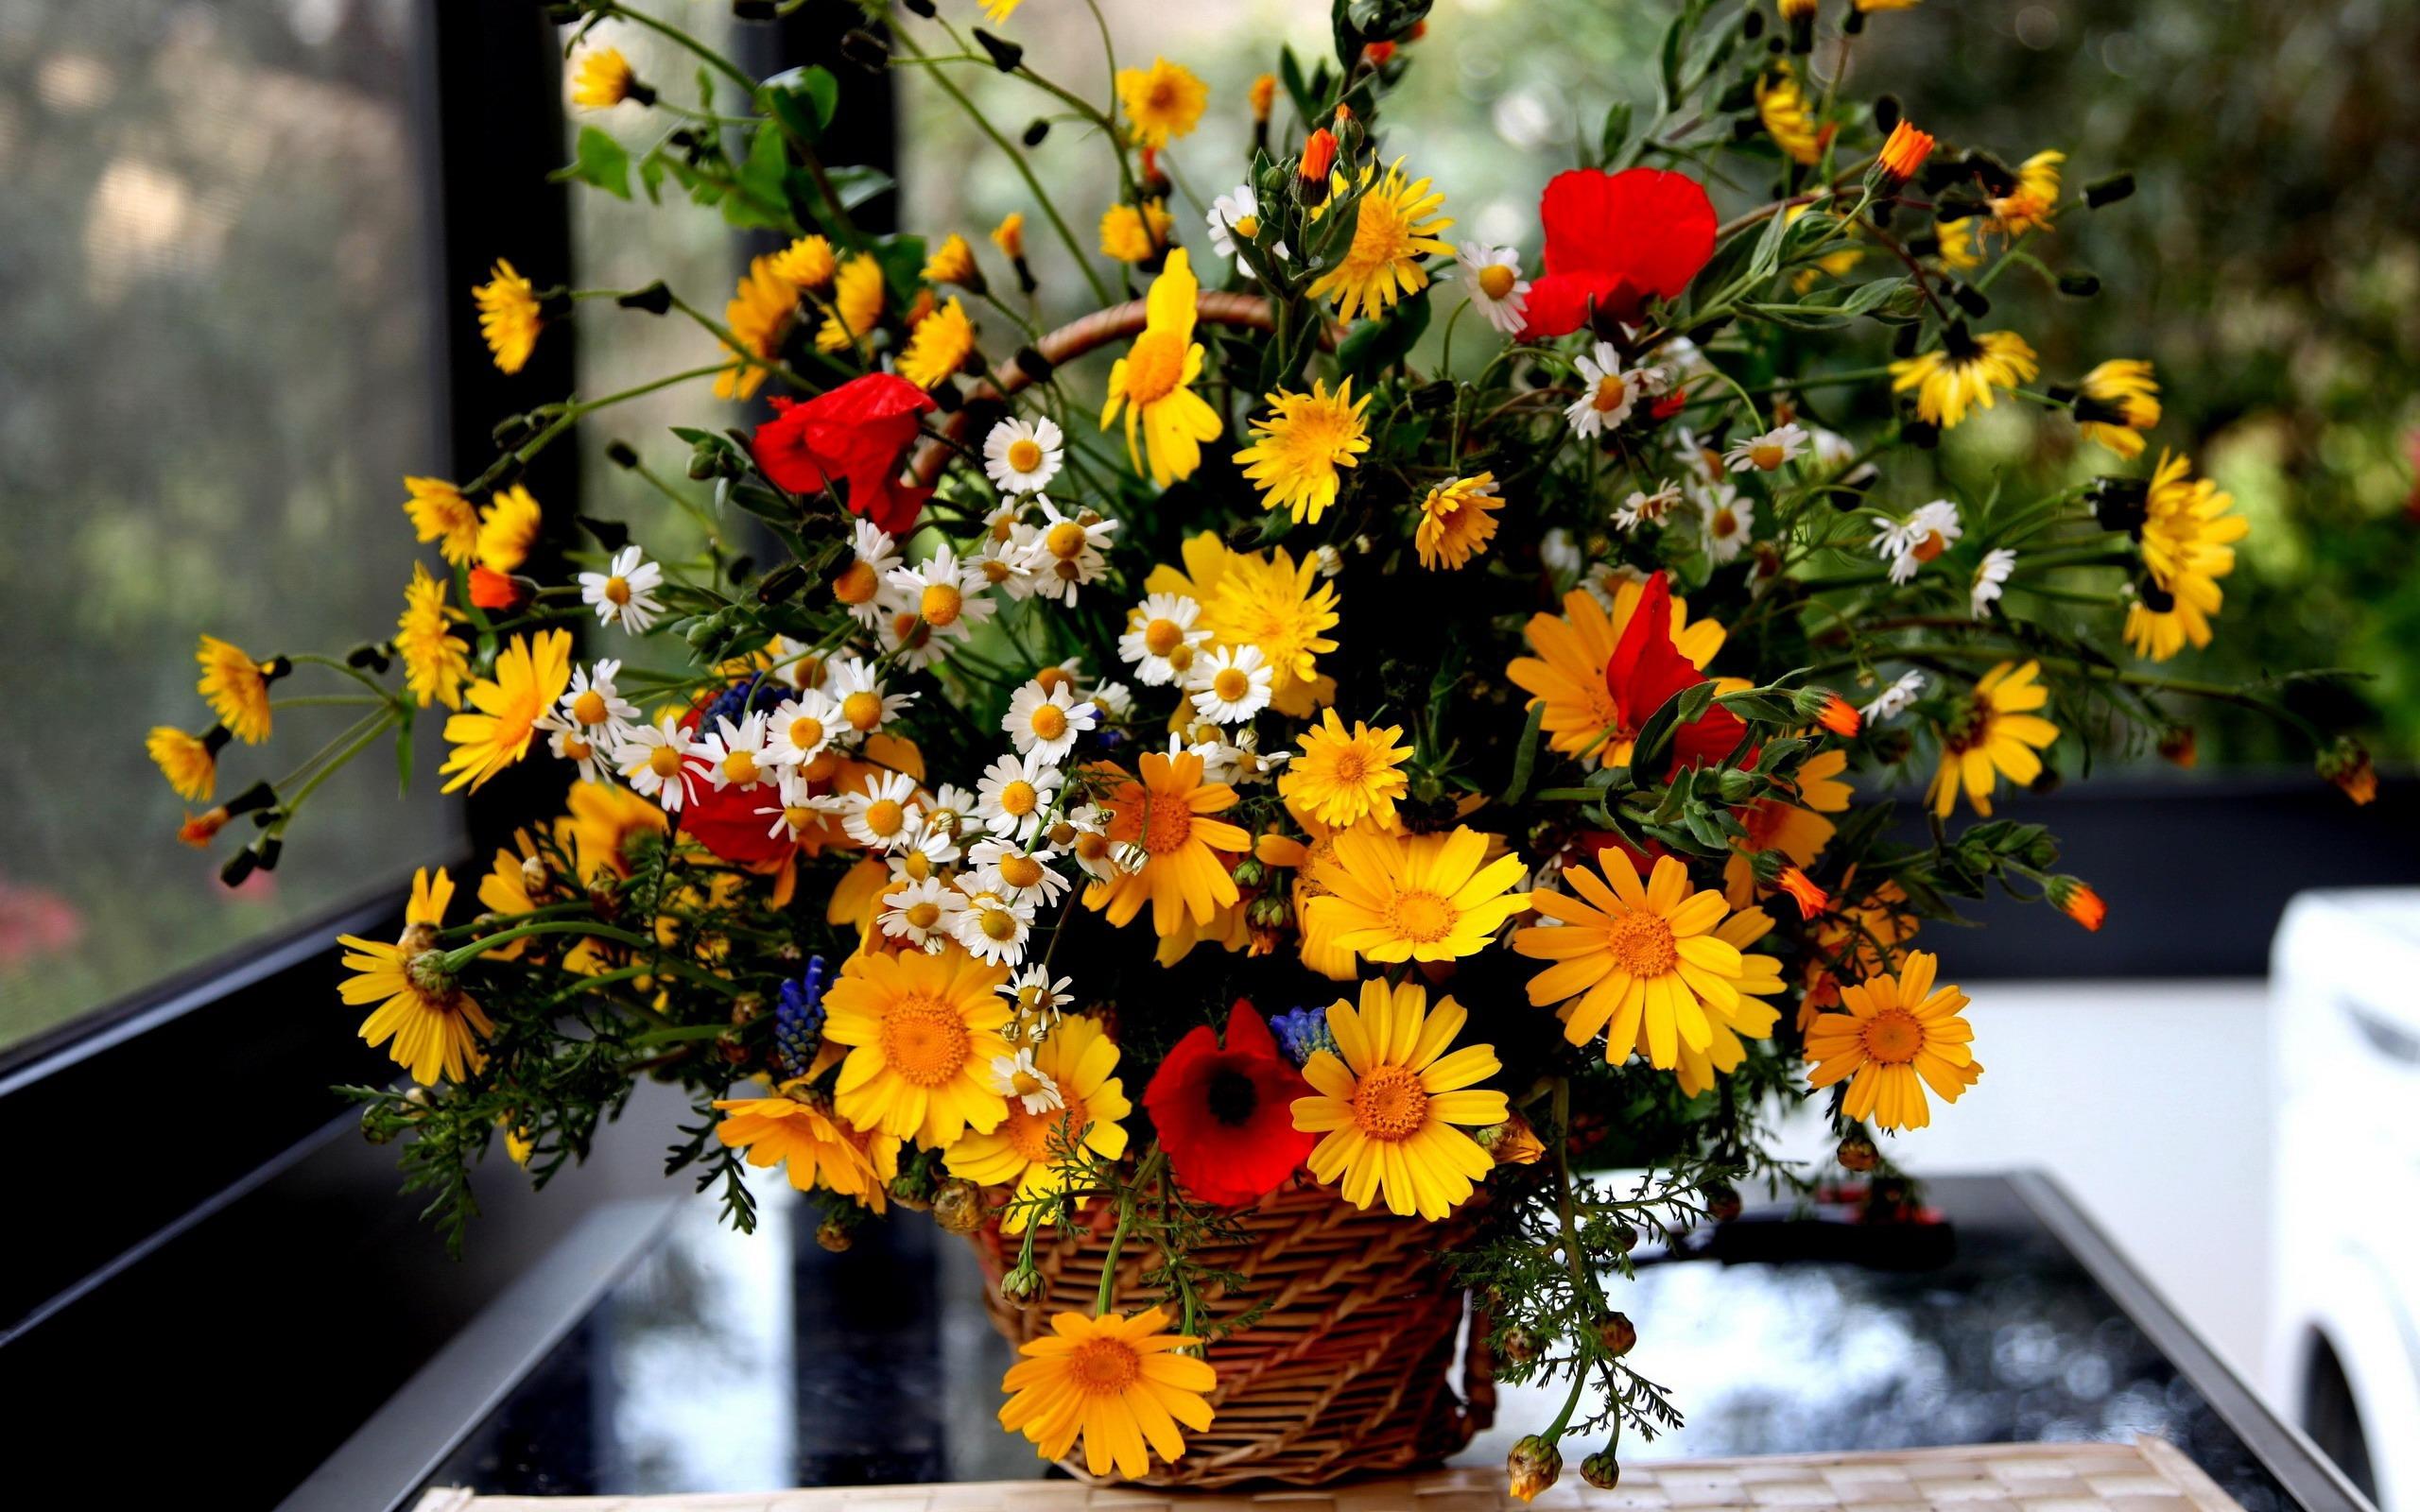 Доставка цветов в Екатеринбурге недорого заказ цветов на дом